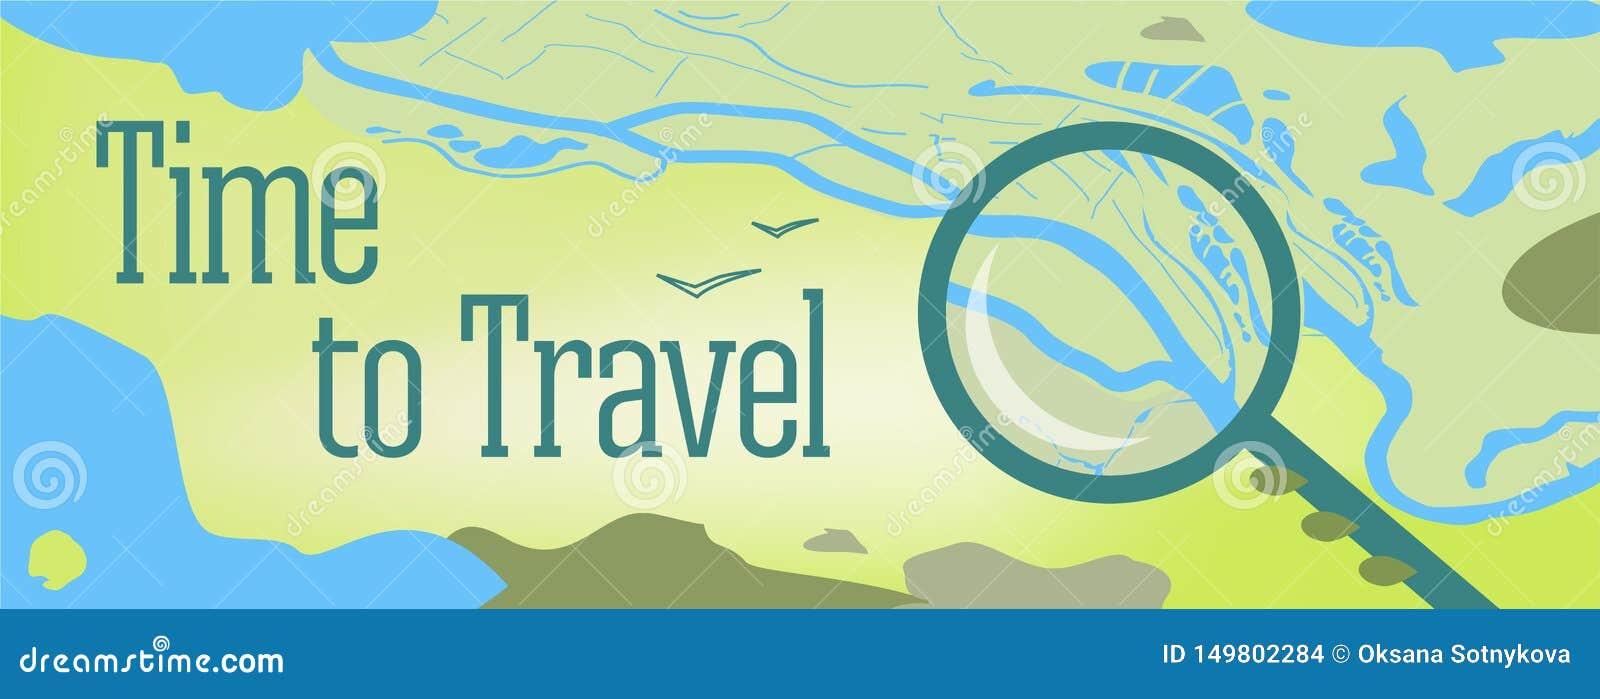 Vectorbannerontwerp met teksttijd te reizen Illustratie van een kaart van de wereld, met het overzees, meren, bergen